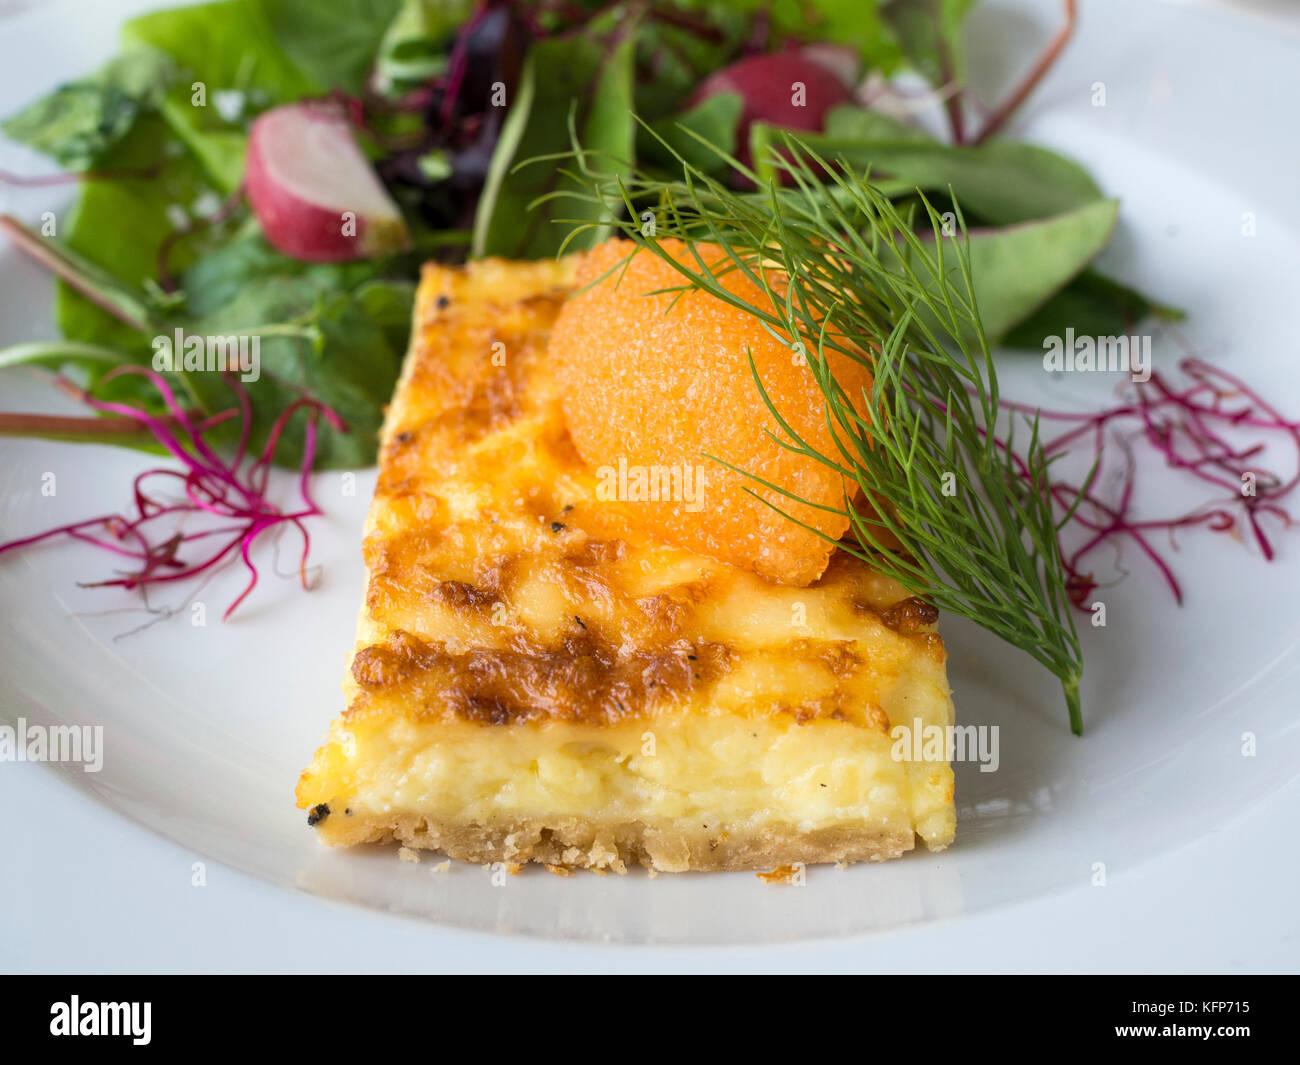 Tart with vendace roe from from Spiken at Restaurang Sjöboden, a restaurant by Petter Nordgren, West Sweden. - Stock Image